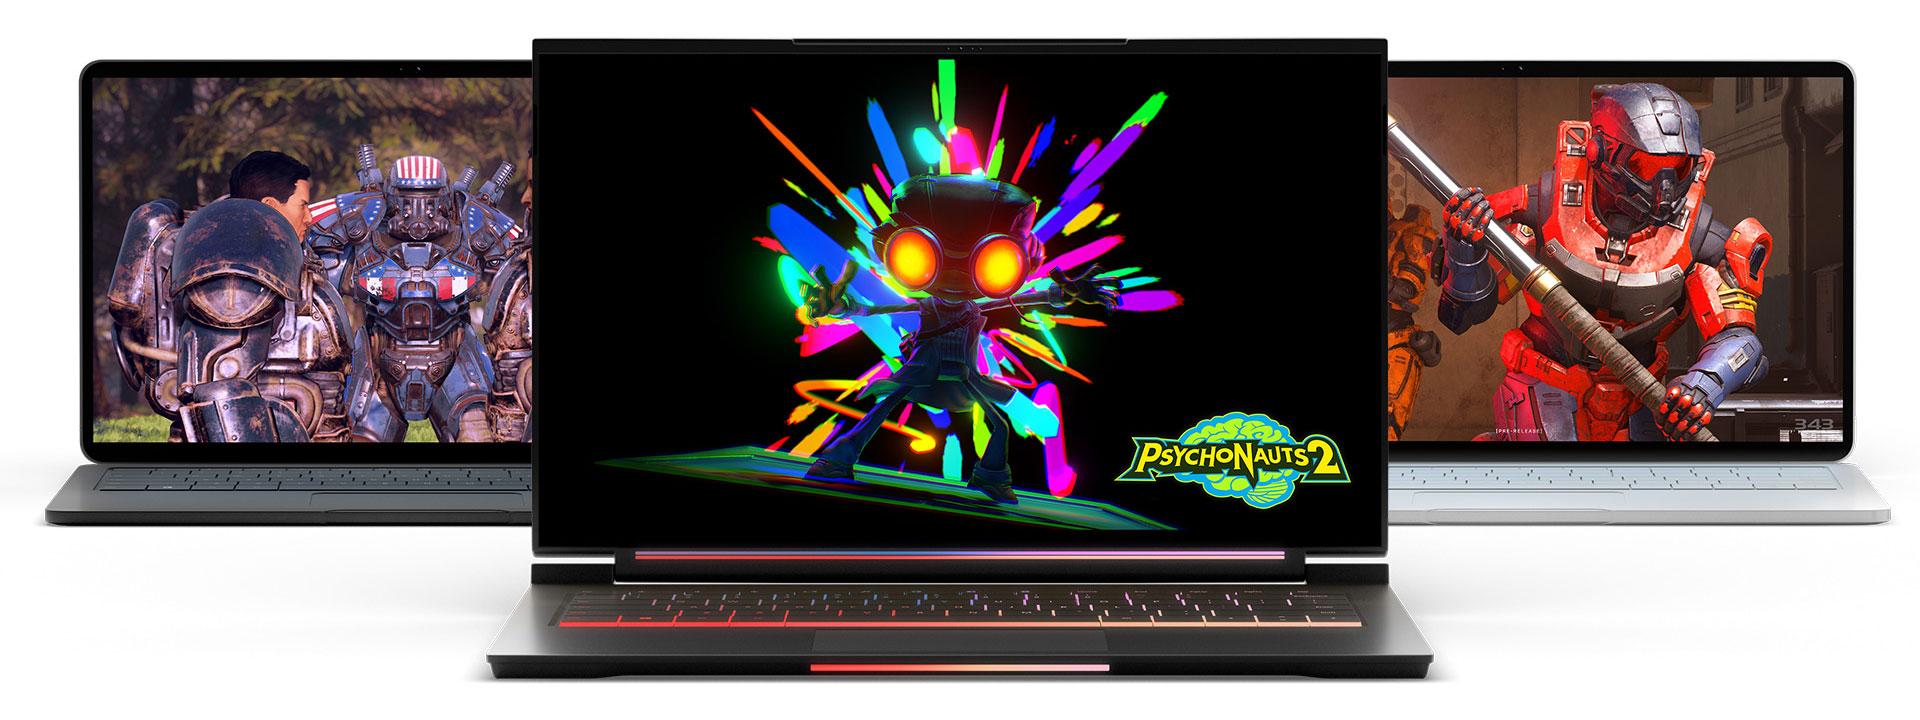 3 台笔记本电脑屏幕上显示视频游戏